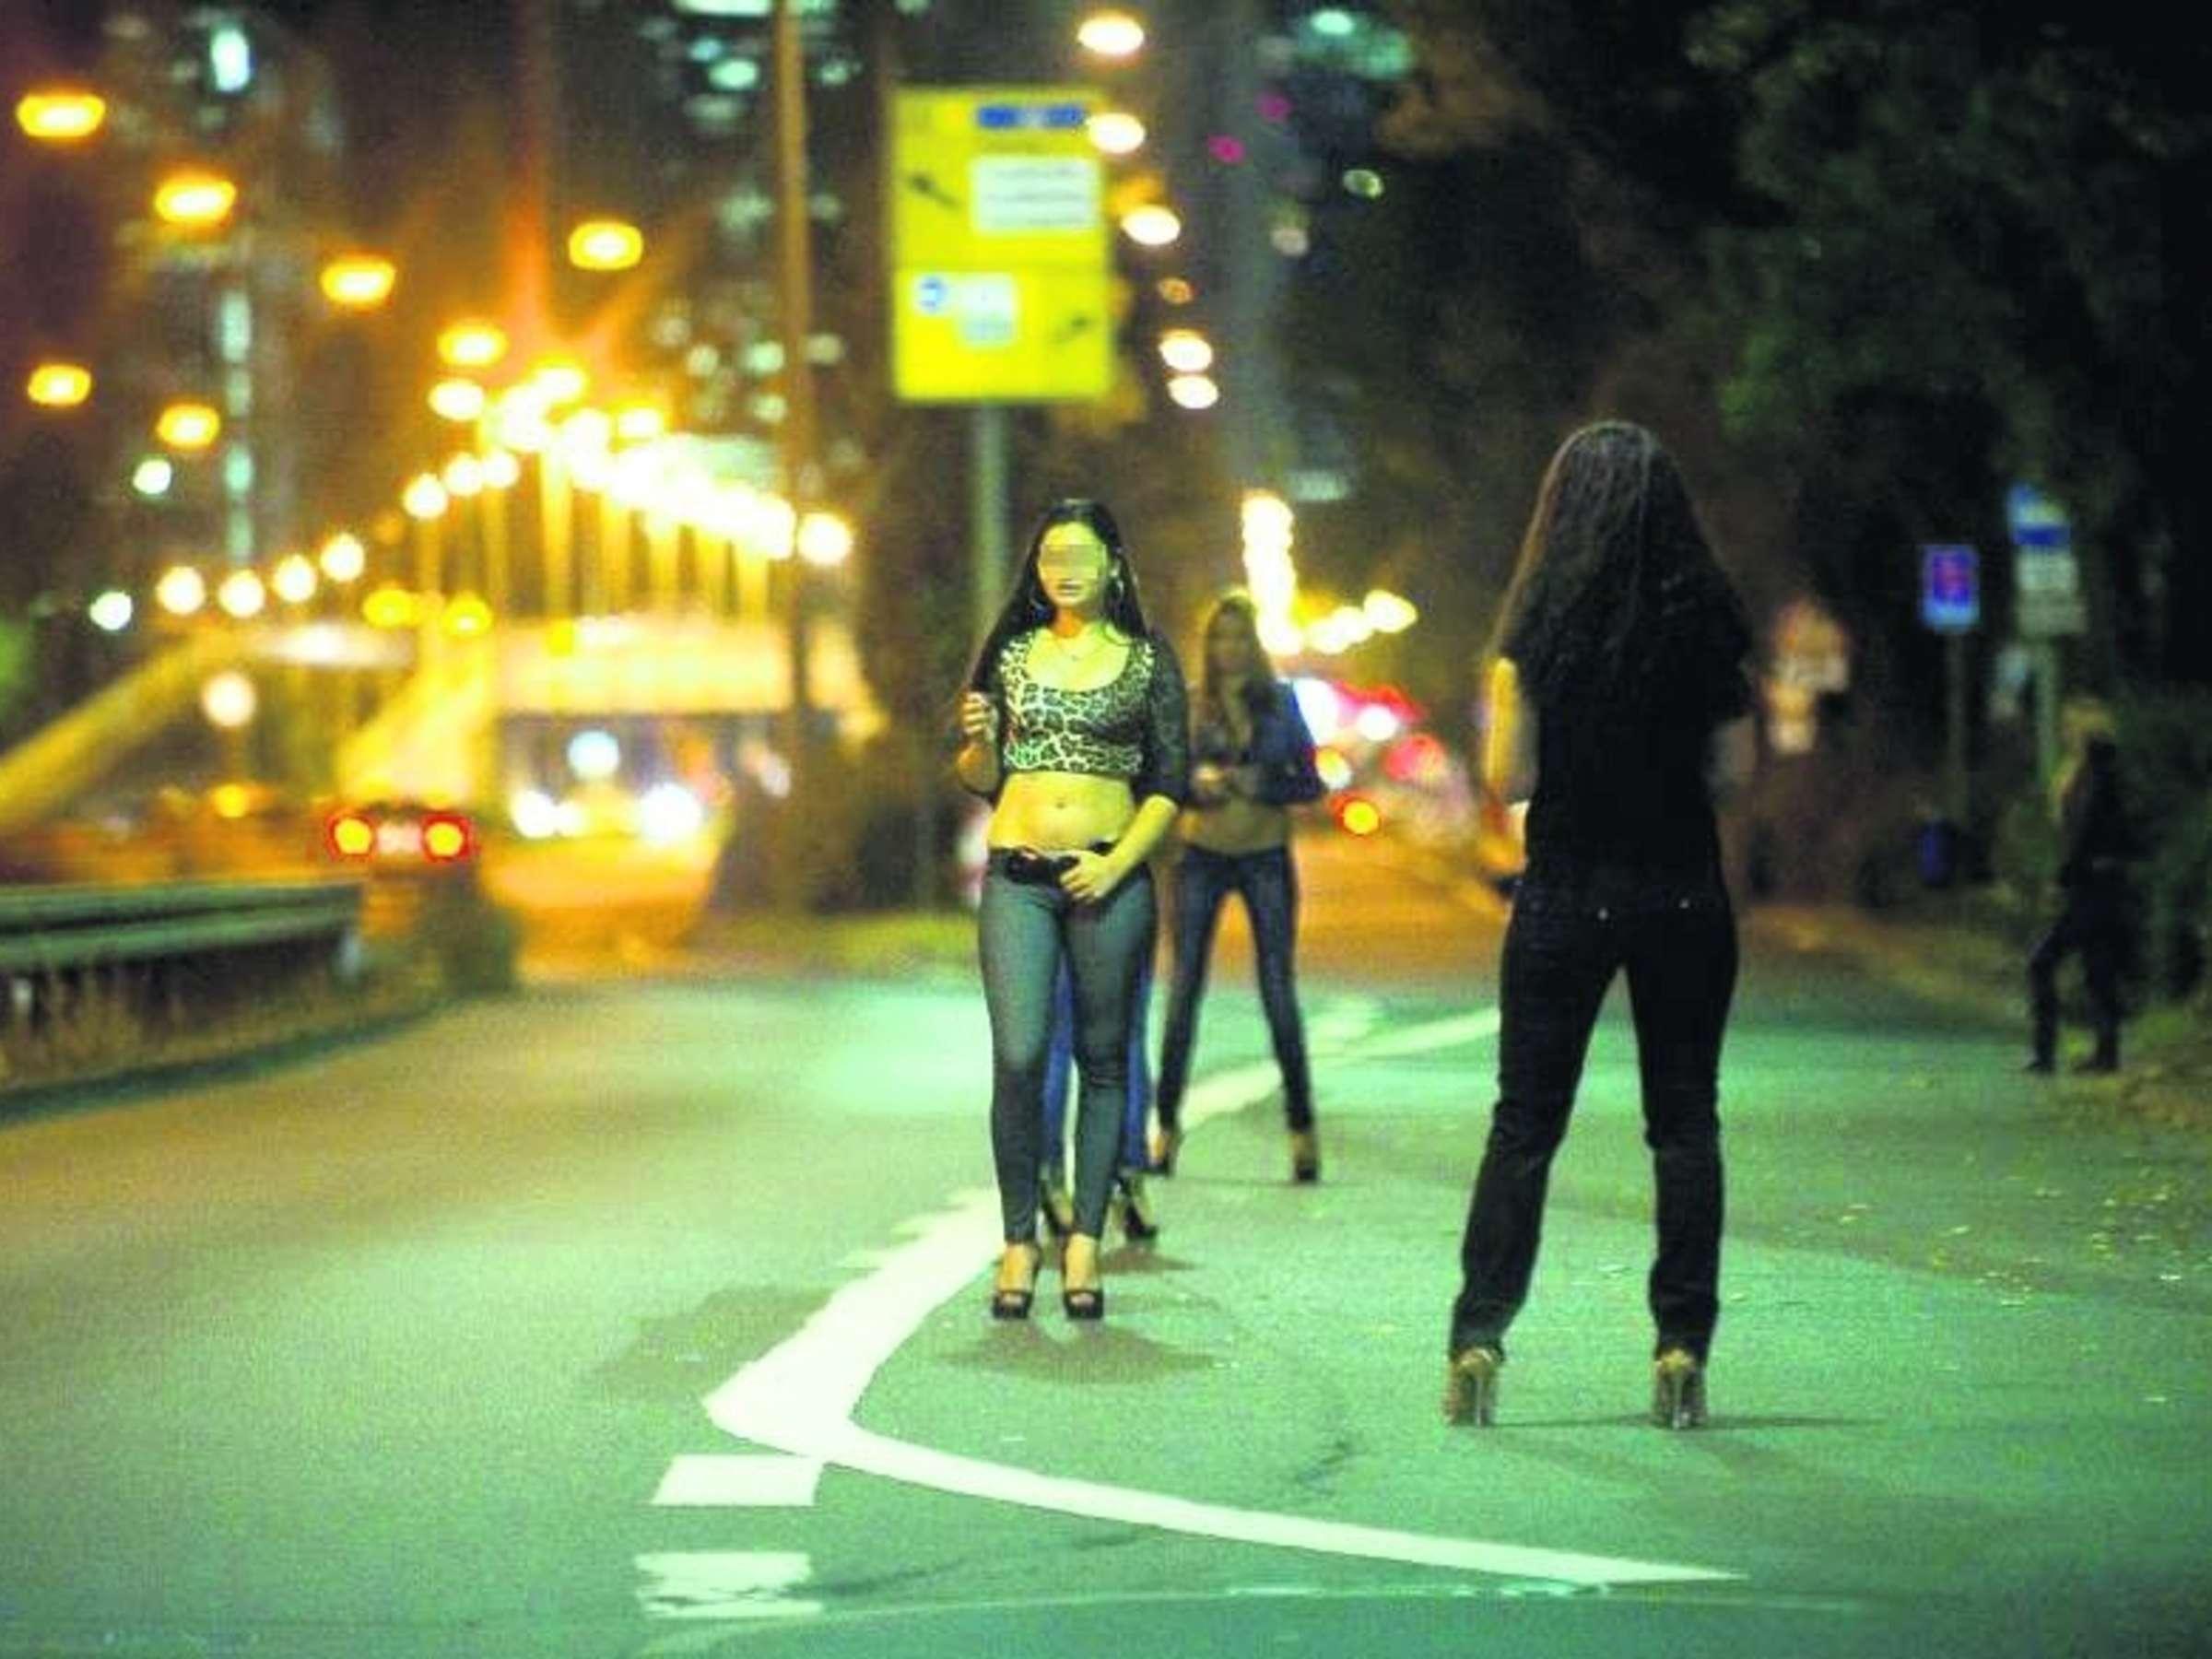 Am main frankfurt strassenstrich Frankfurt: Prostitution